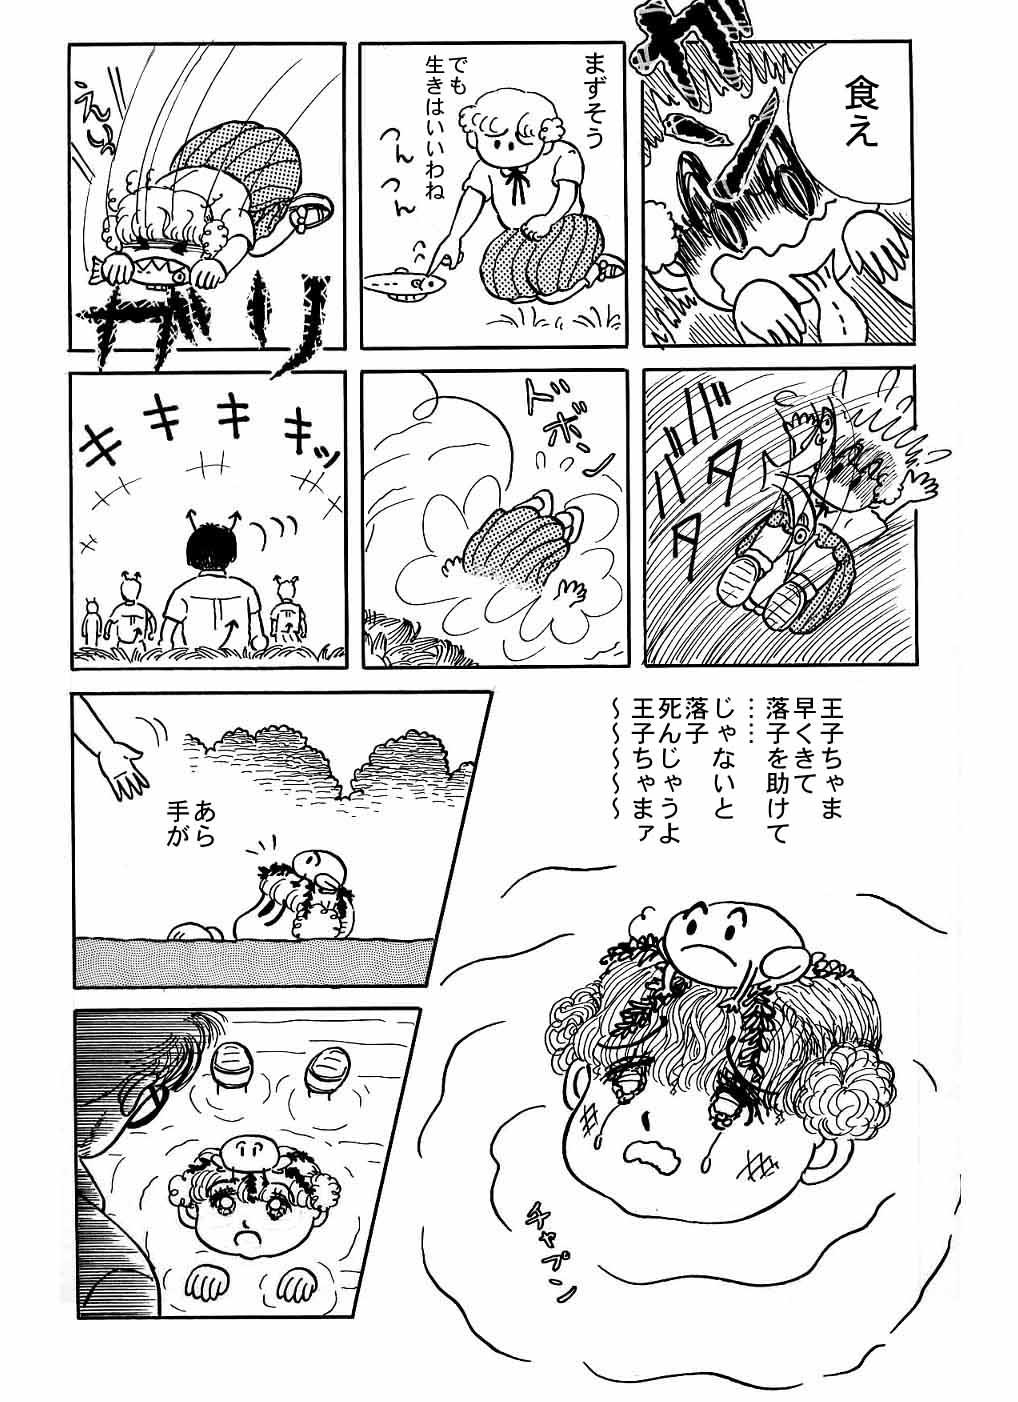 ホラー漫画画像05_20110122035256.jpg